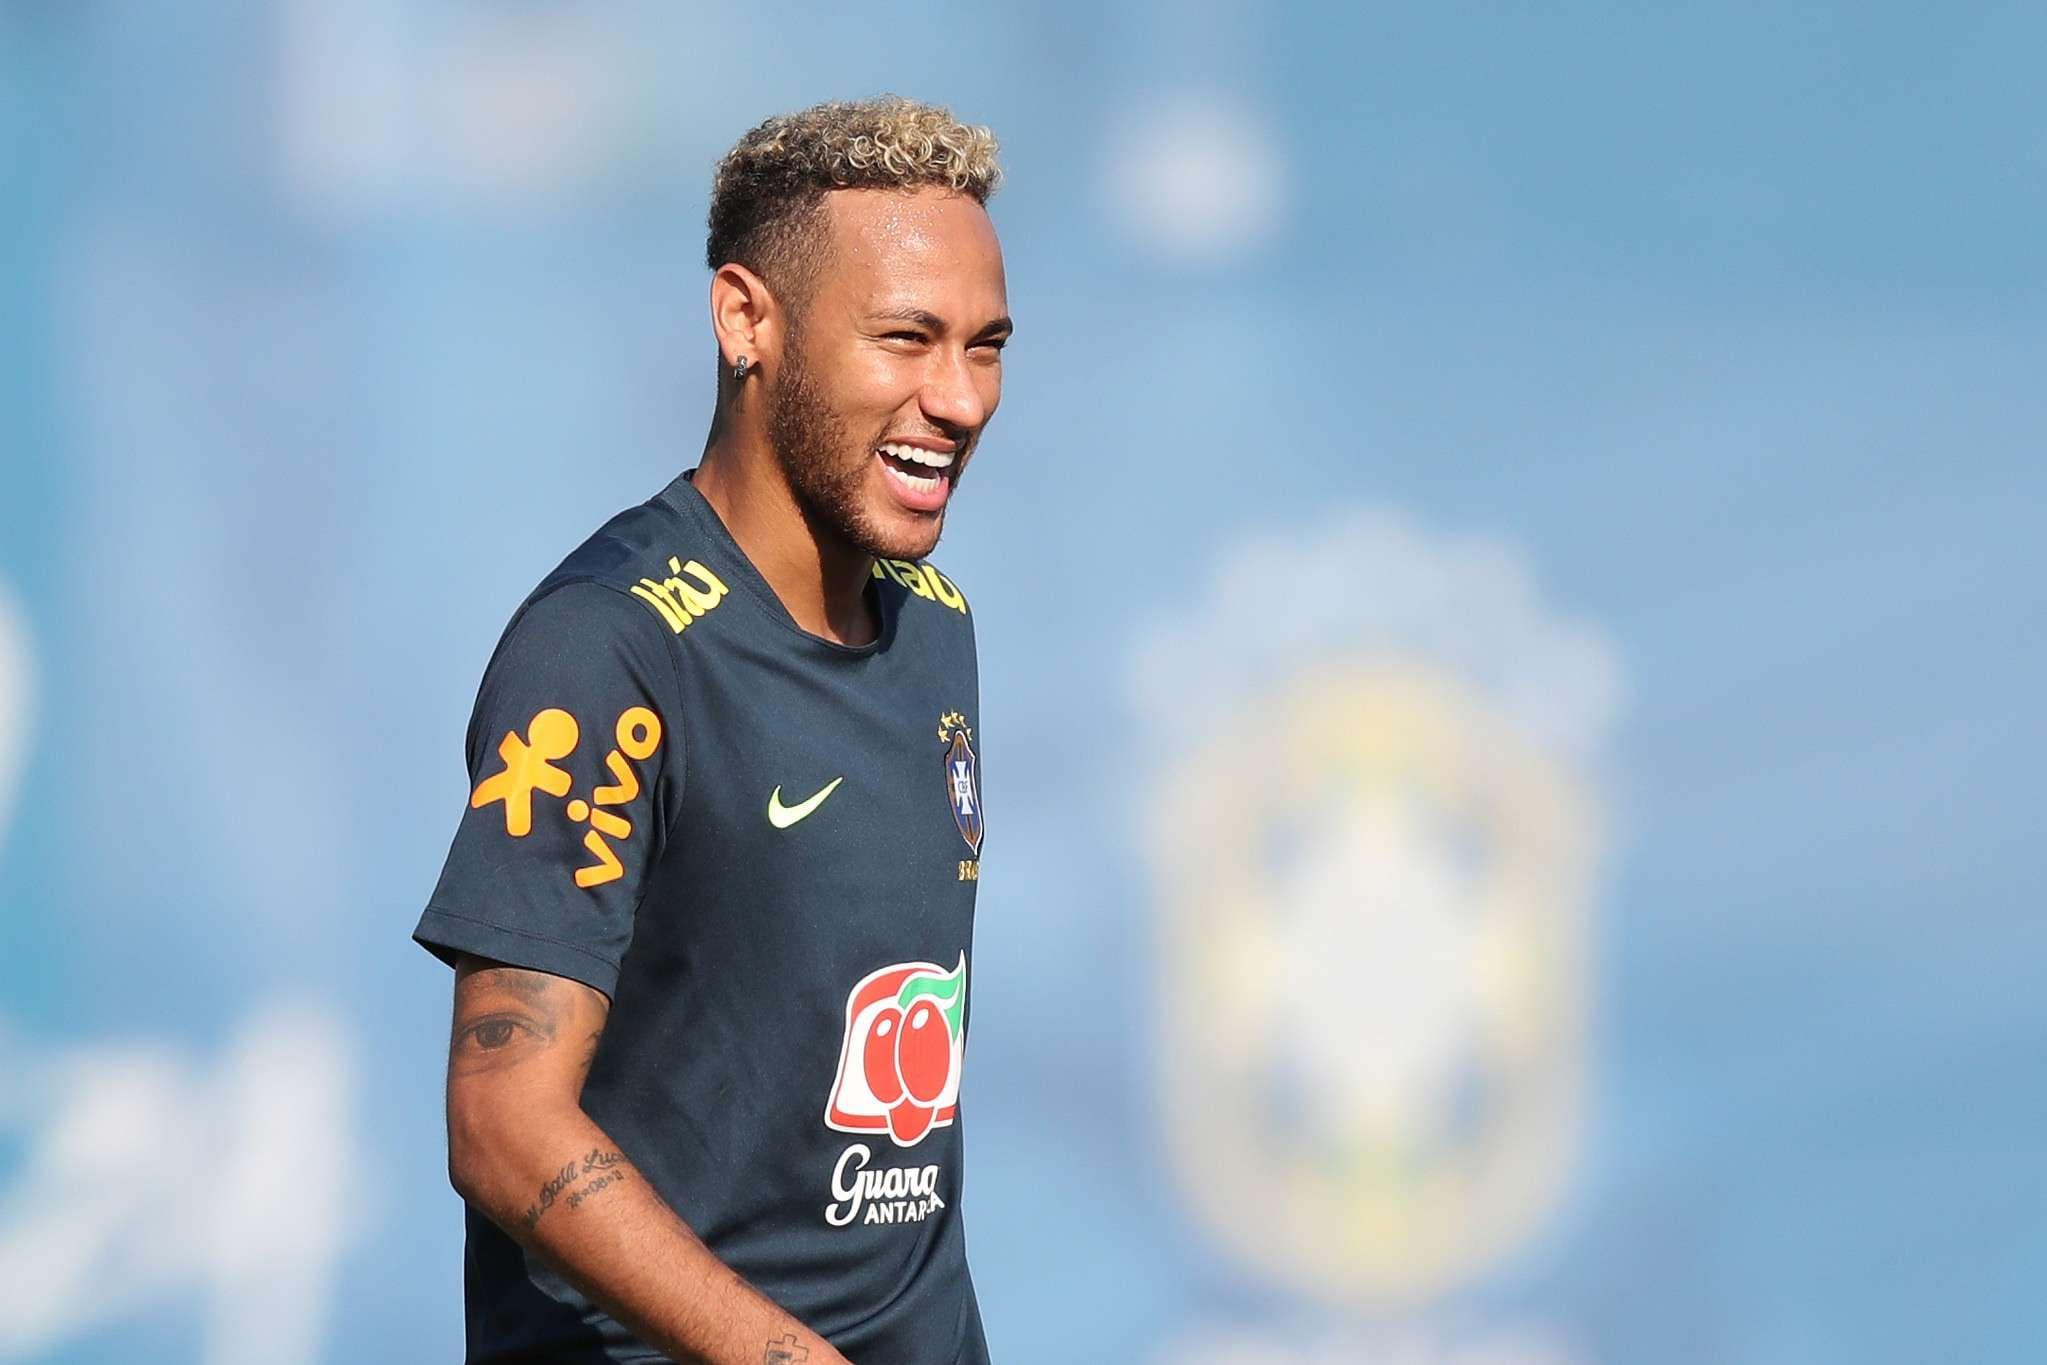 Craque fez nove partidas em Copas com a camisa da seleção brasileira e já  balançou as redes seis vezes 021374f0d95a9